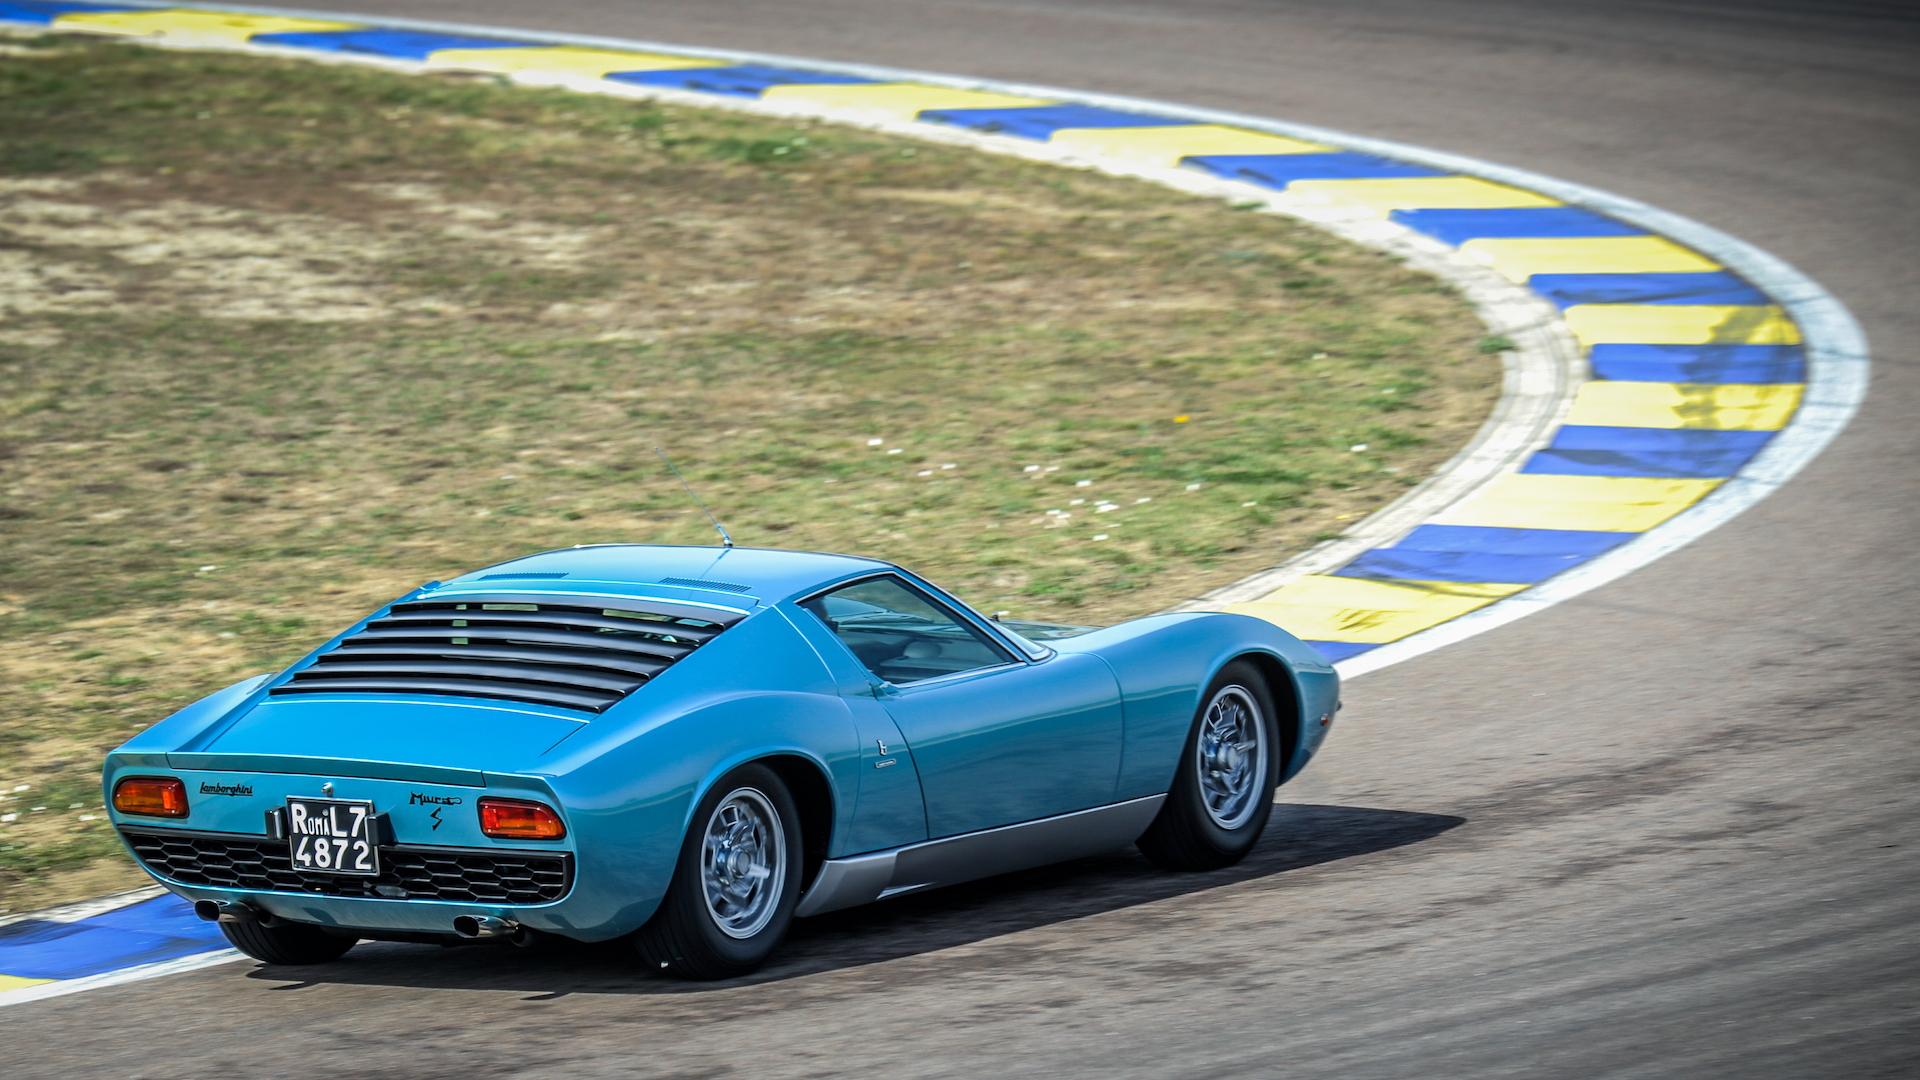 1971 Lamborghini Miura P400 S Polo Storico restoration